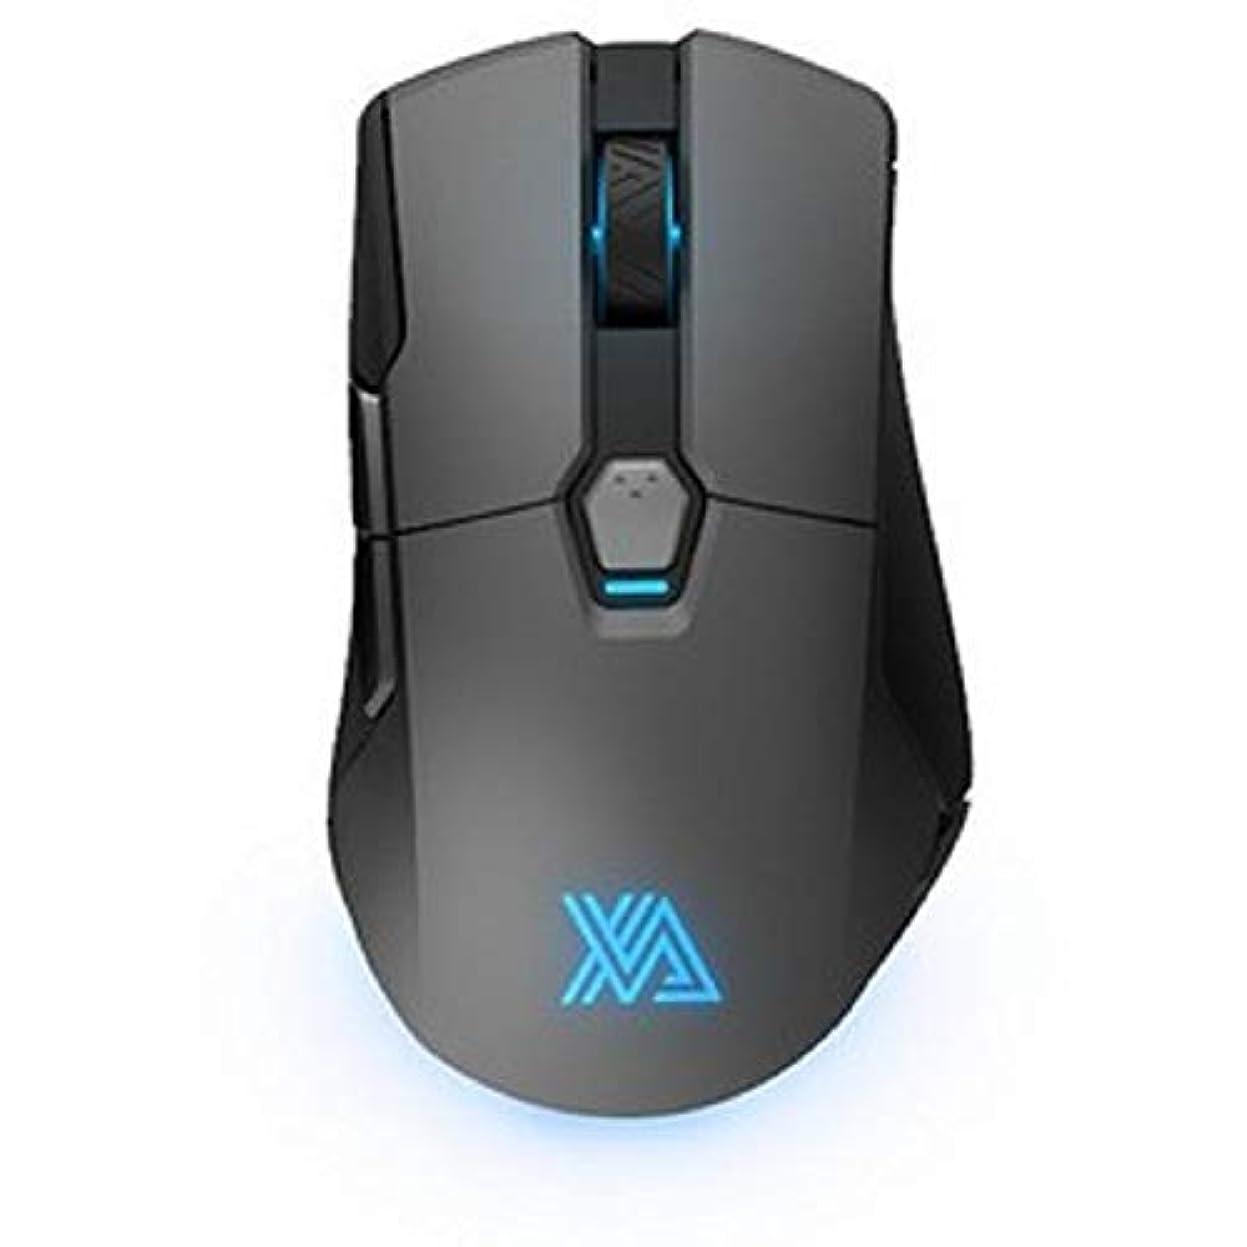 一族パット要求するXANOVA Mensa Pro Gaming Mouse ゲーミングマウス G-XM3BKB6OPRG2G-XANG